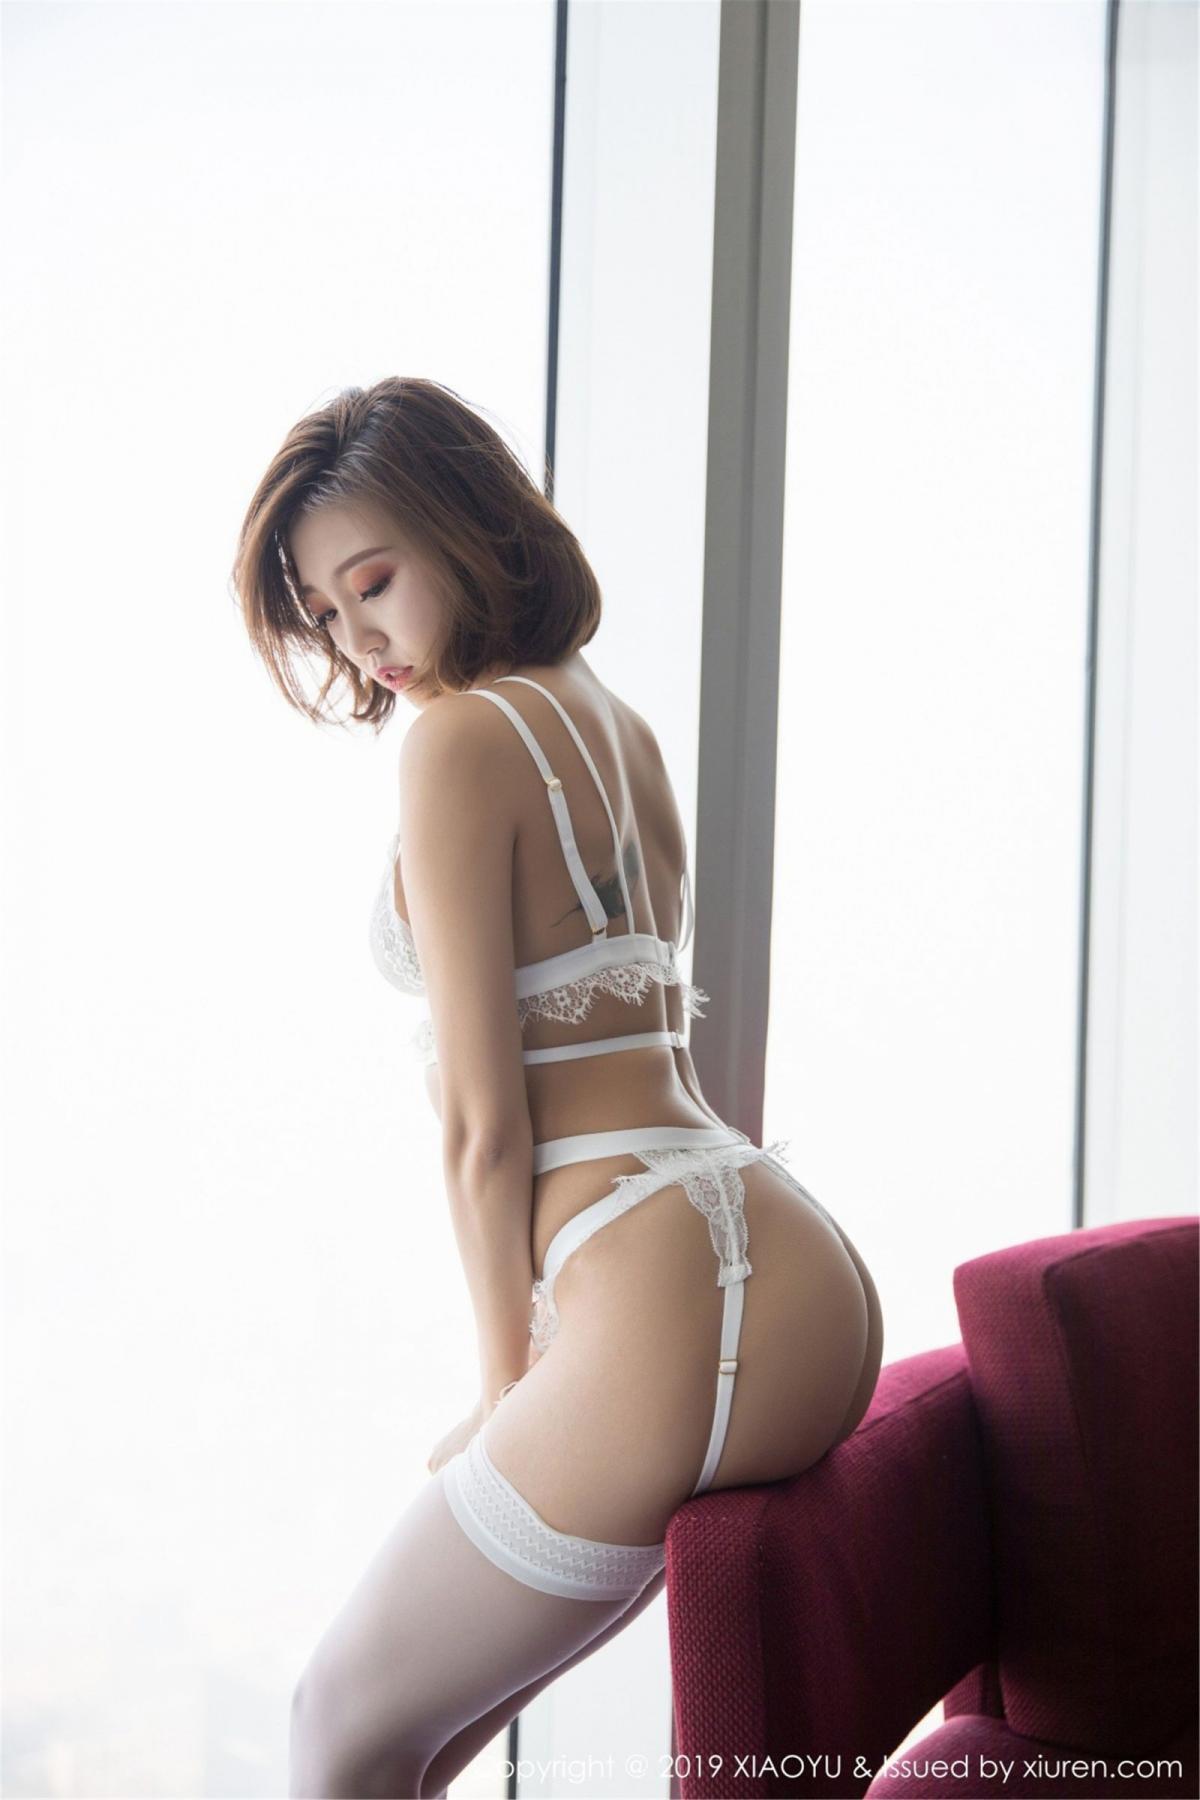 [XiaoYu] Vol.053 Lris 14P, Feng Mu Mu, Tall, Underwear, XiaoYu